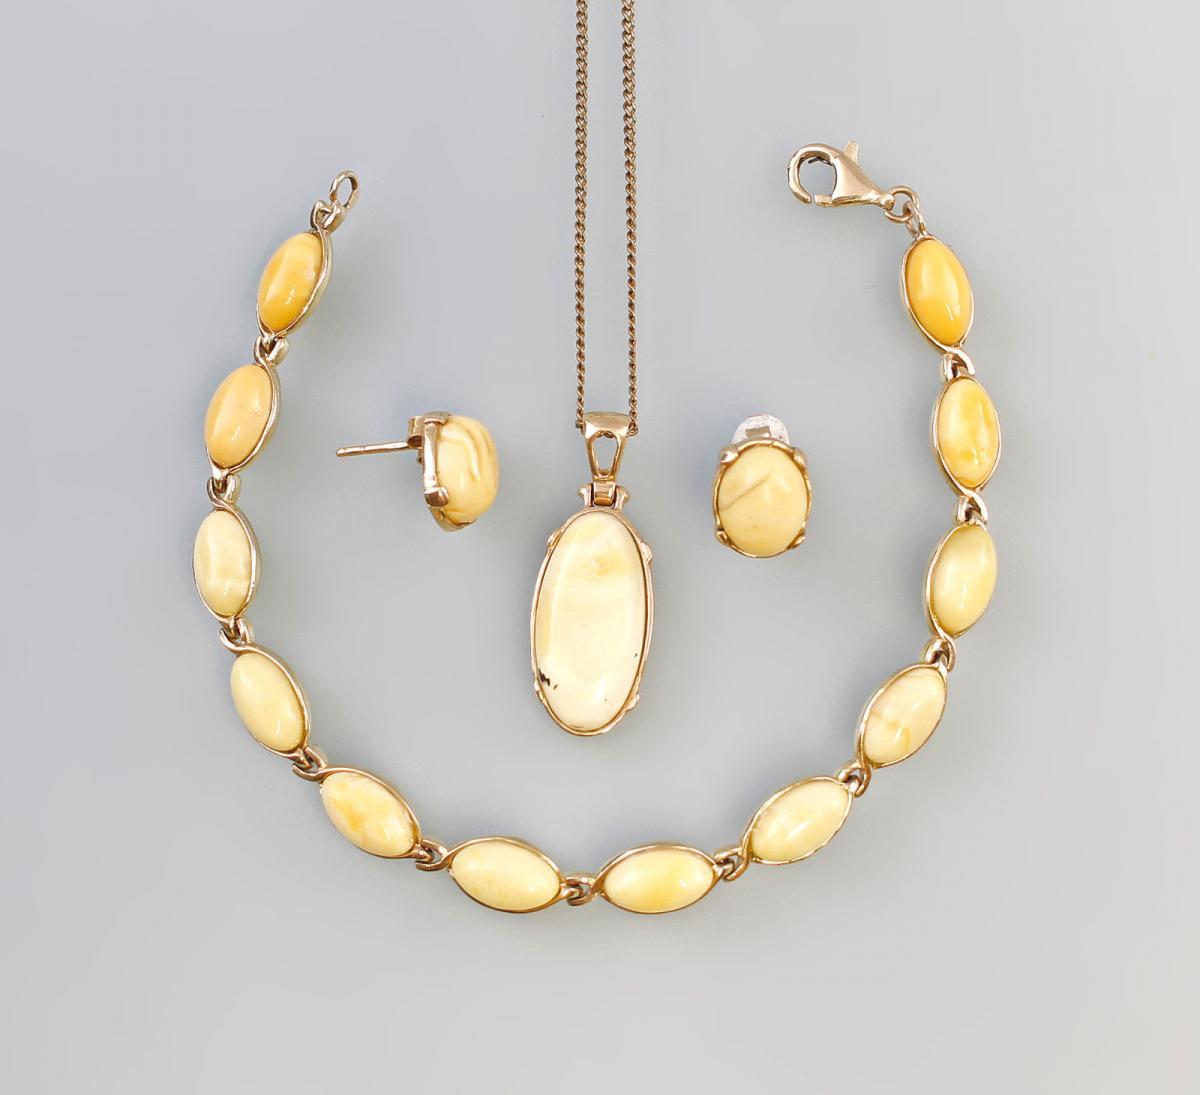 8325238 585er/333er Gold Bernstein Butterscotch Armband Ohrringe Anhänger 0